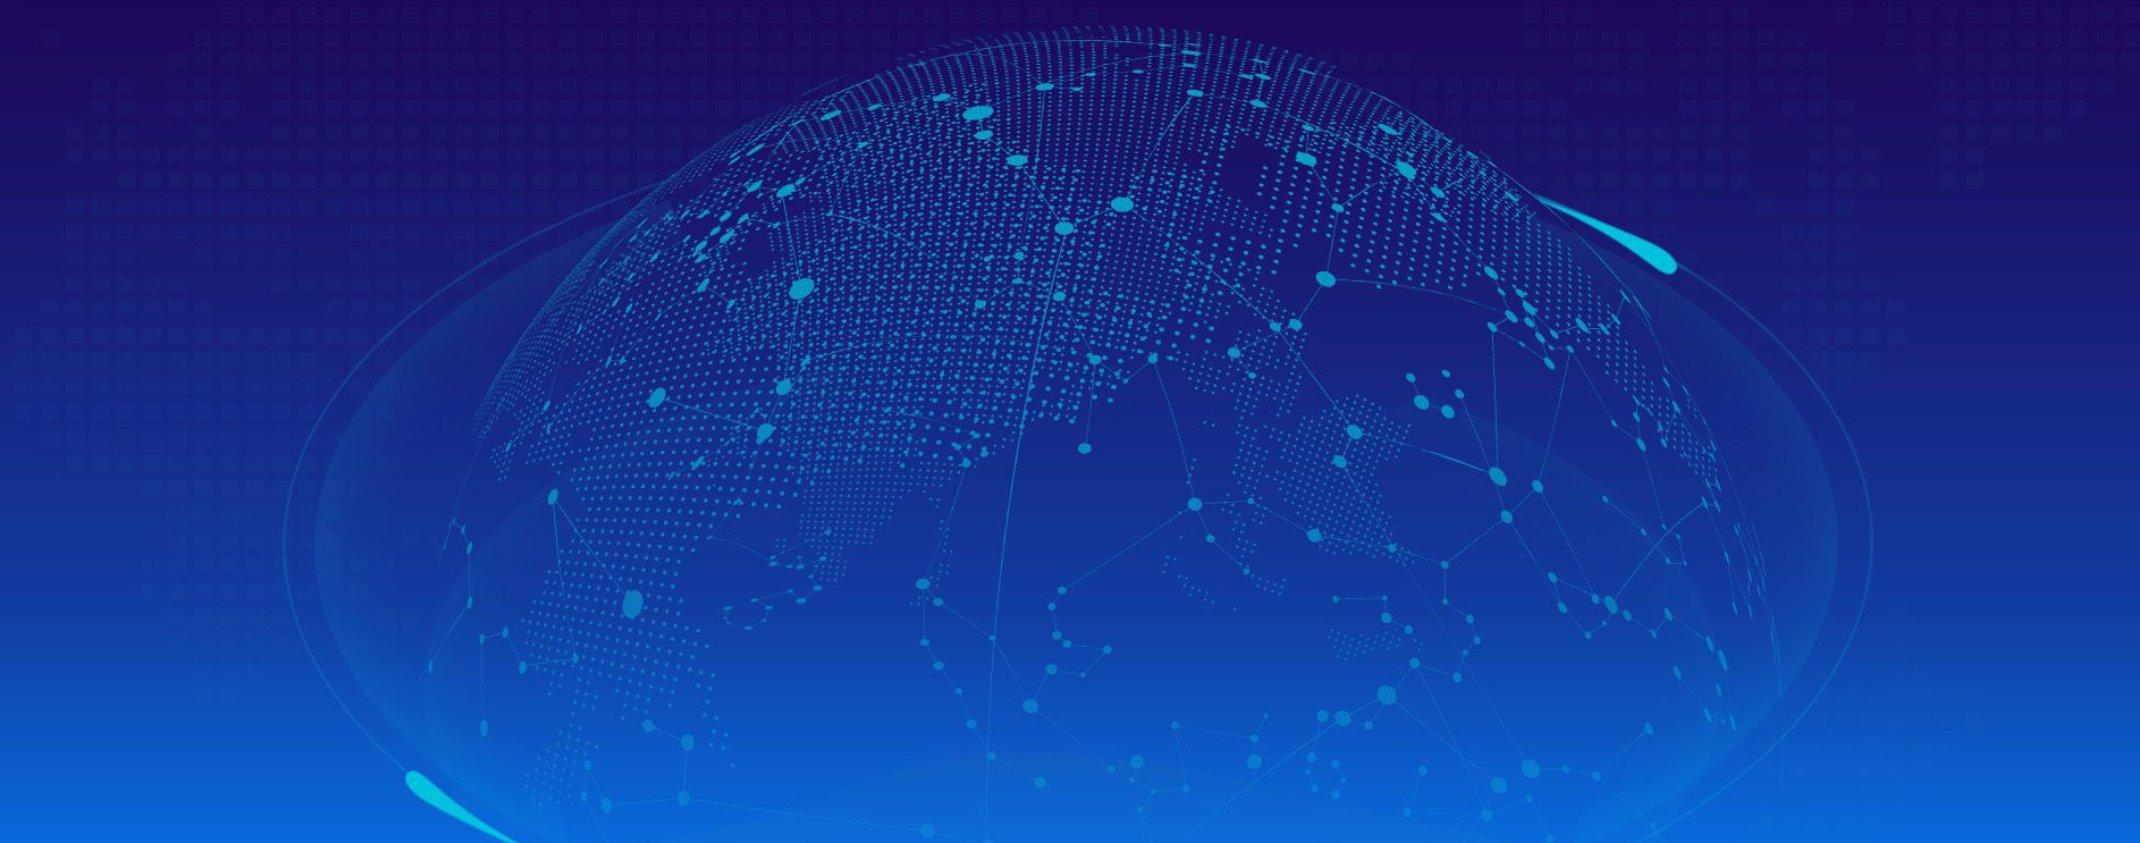 区块链+物联网 Blockchain + IoT